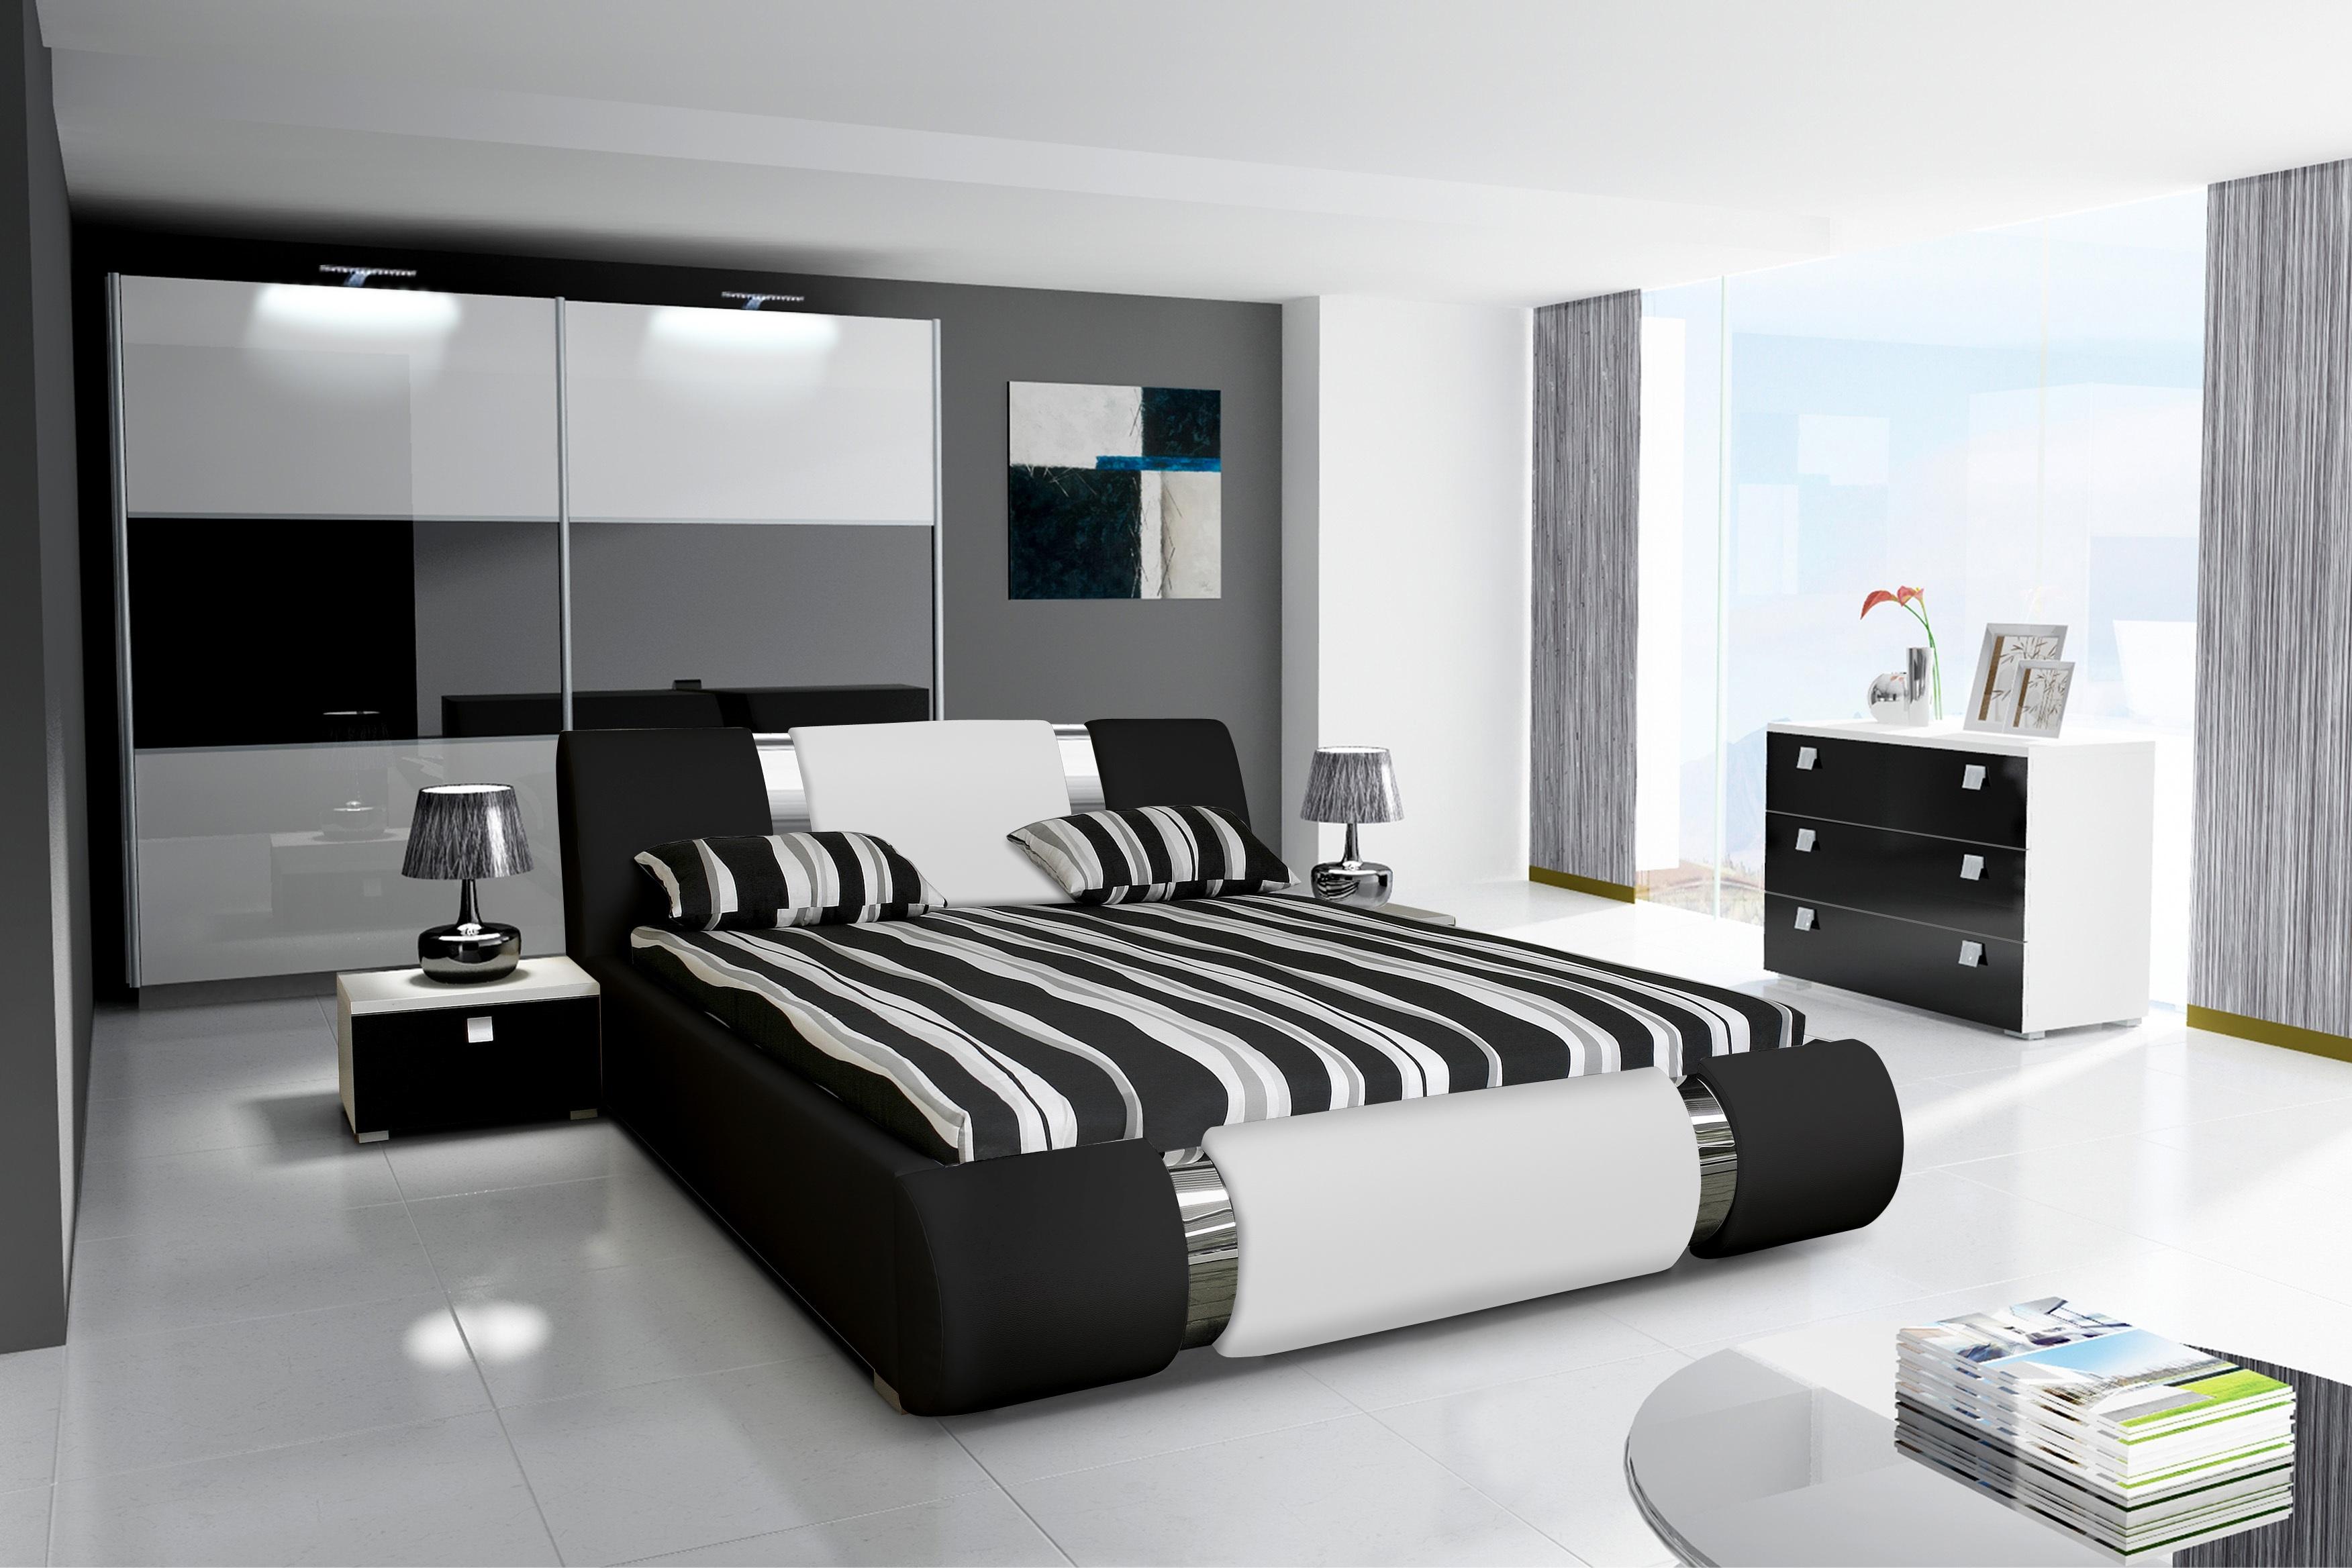 łóżko Sypialne Z Materacem 176 Cm Czarne